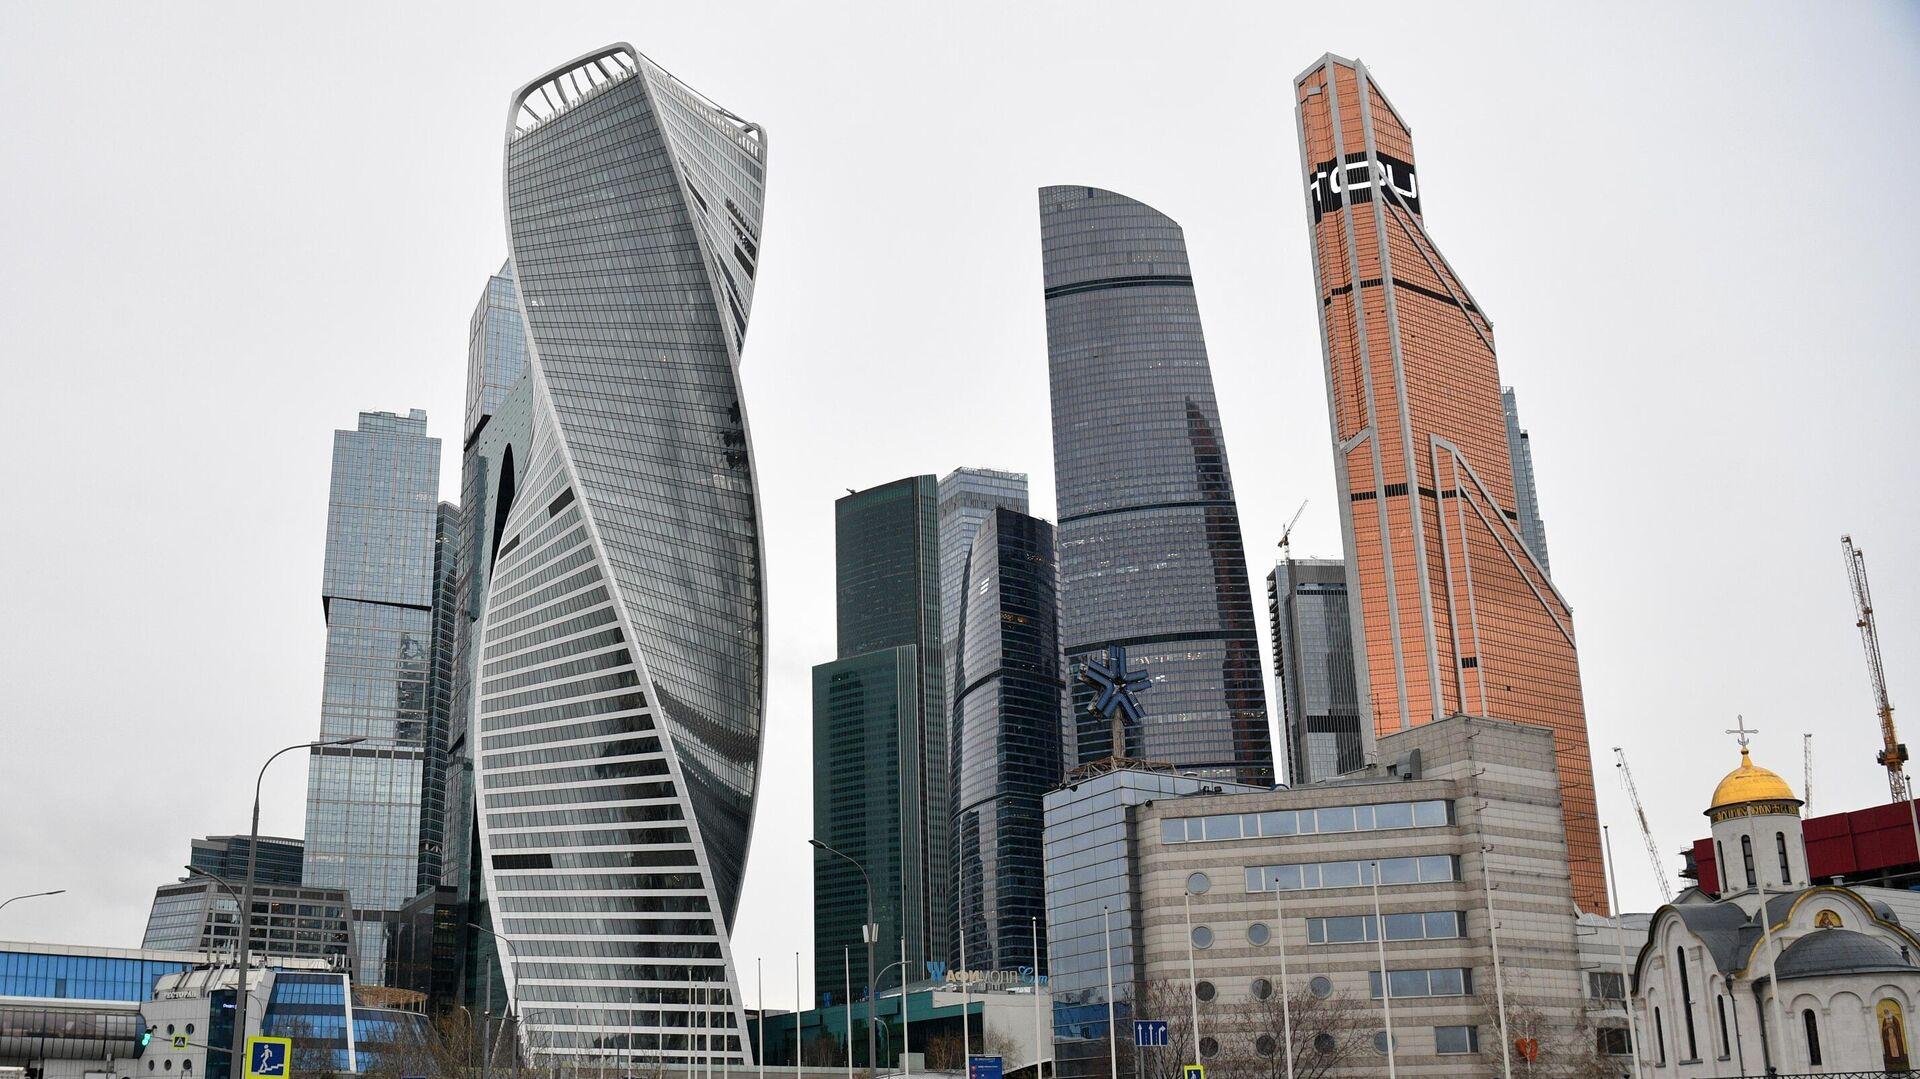 Международный деловой центр Москва-Сити - РИА Новости, 1920, 16.09.2020